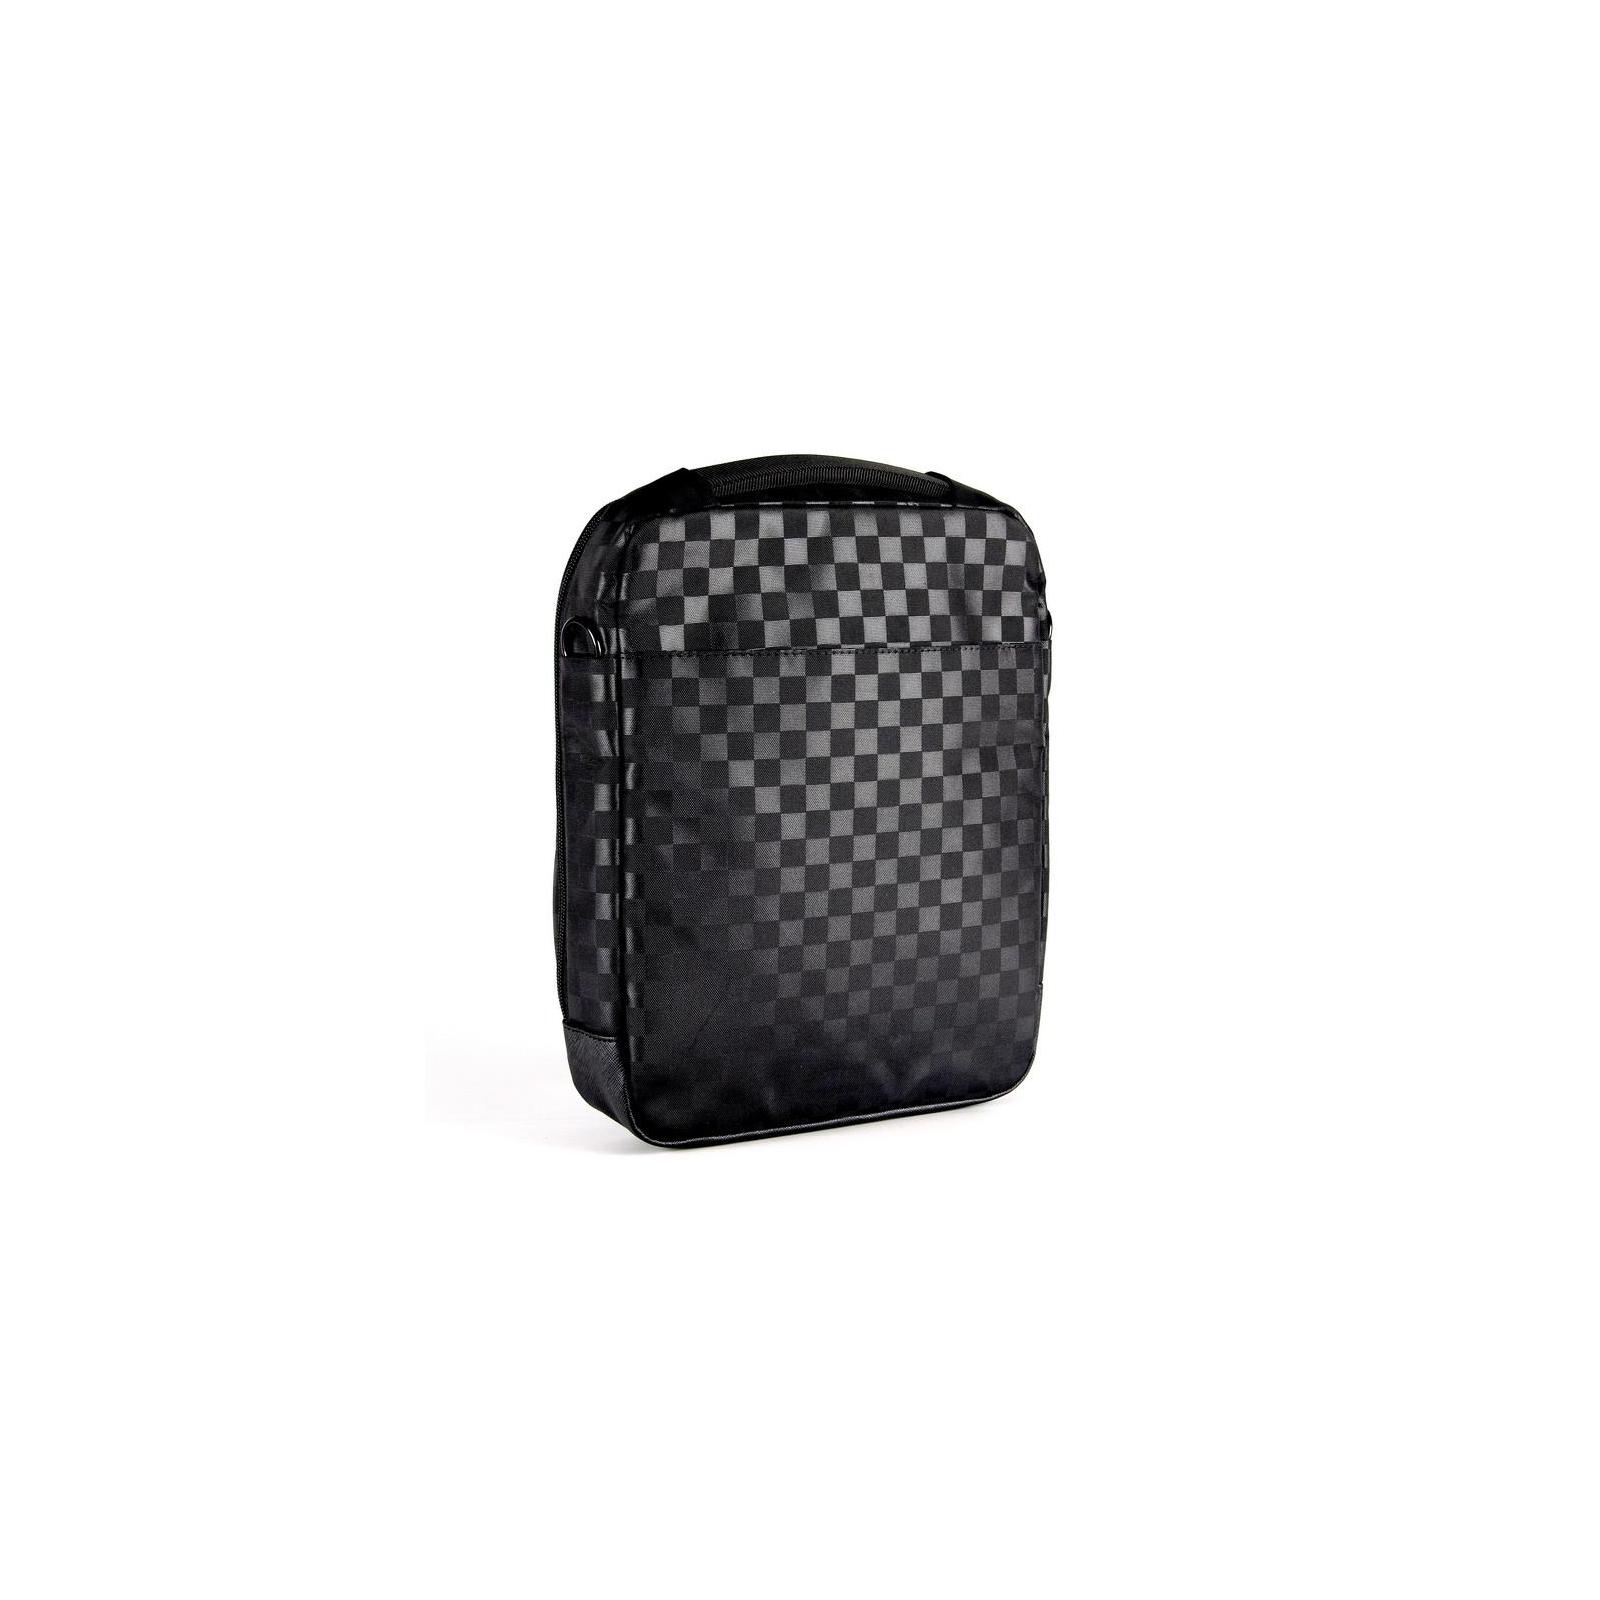 Сумка для ноутбука Continent 10 CC-039 Black (CC-039 Black) изображение 2